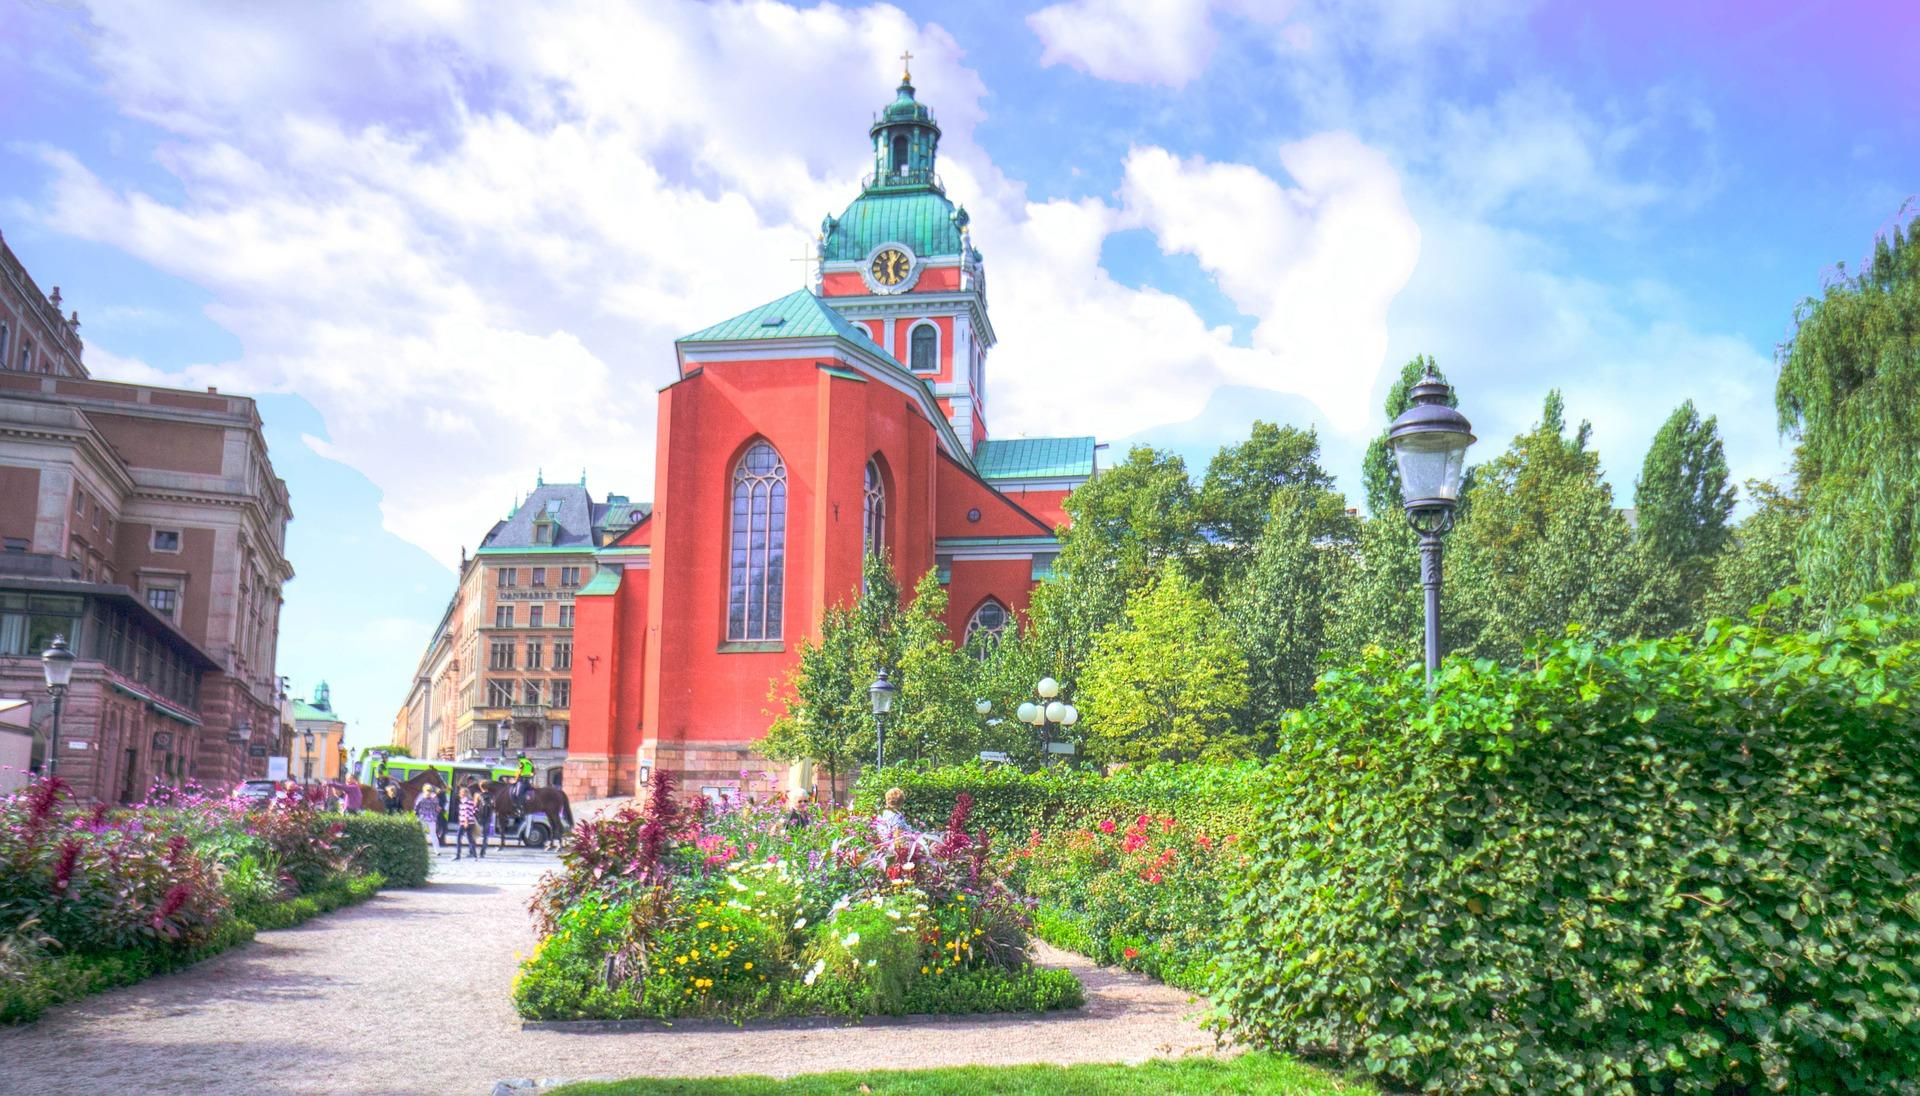 Skandinavien der Norden Europas ist geprägt von wunderschönen Städten und einer unberührten Natur